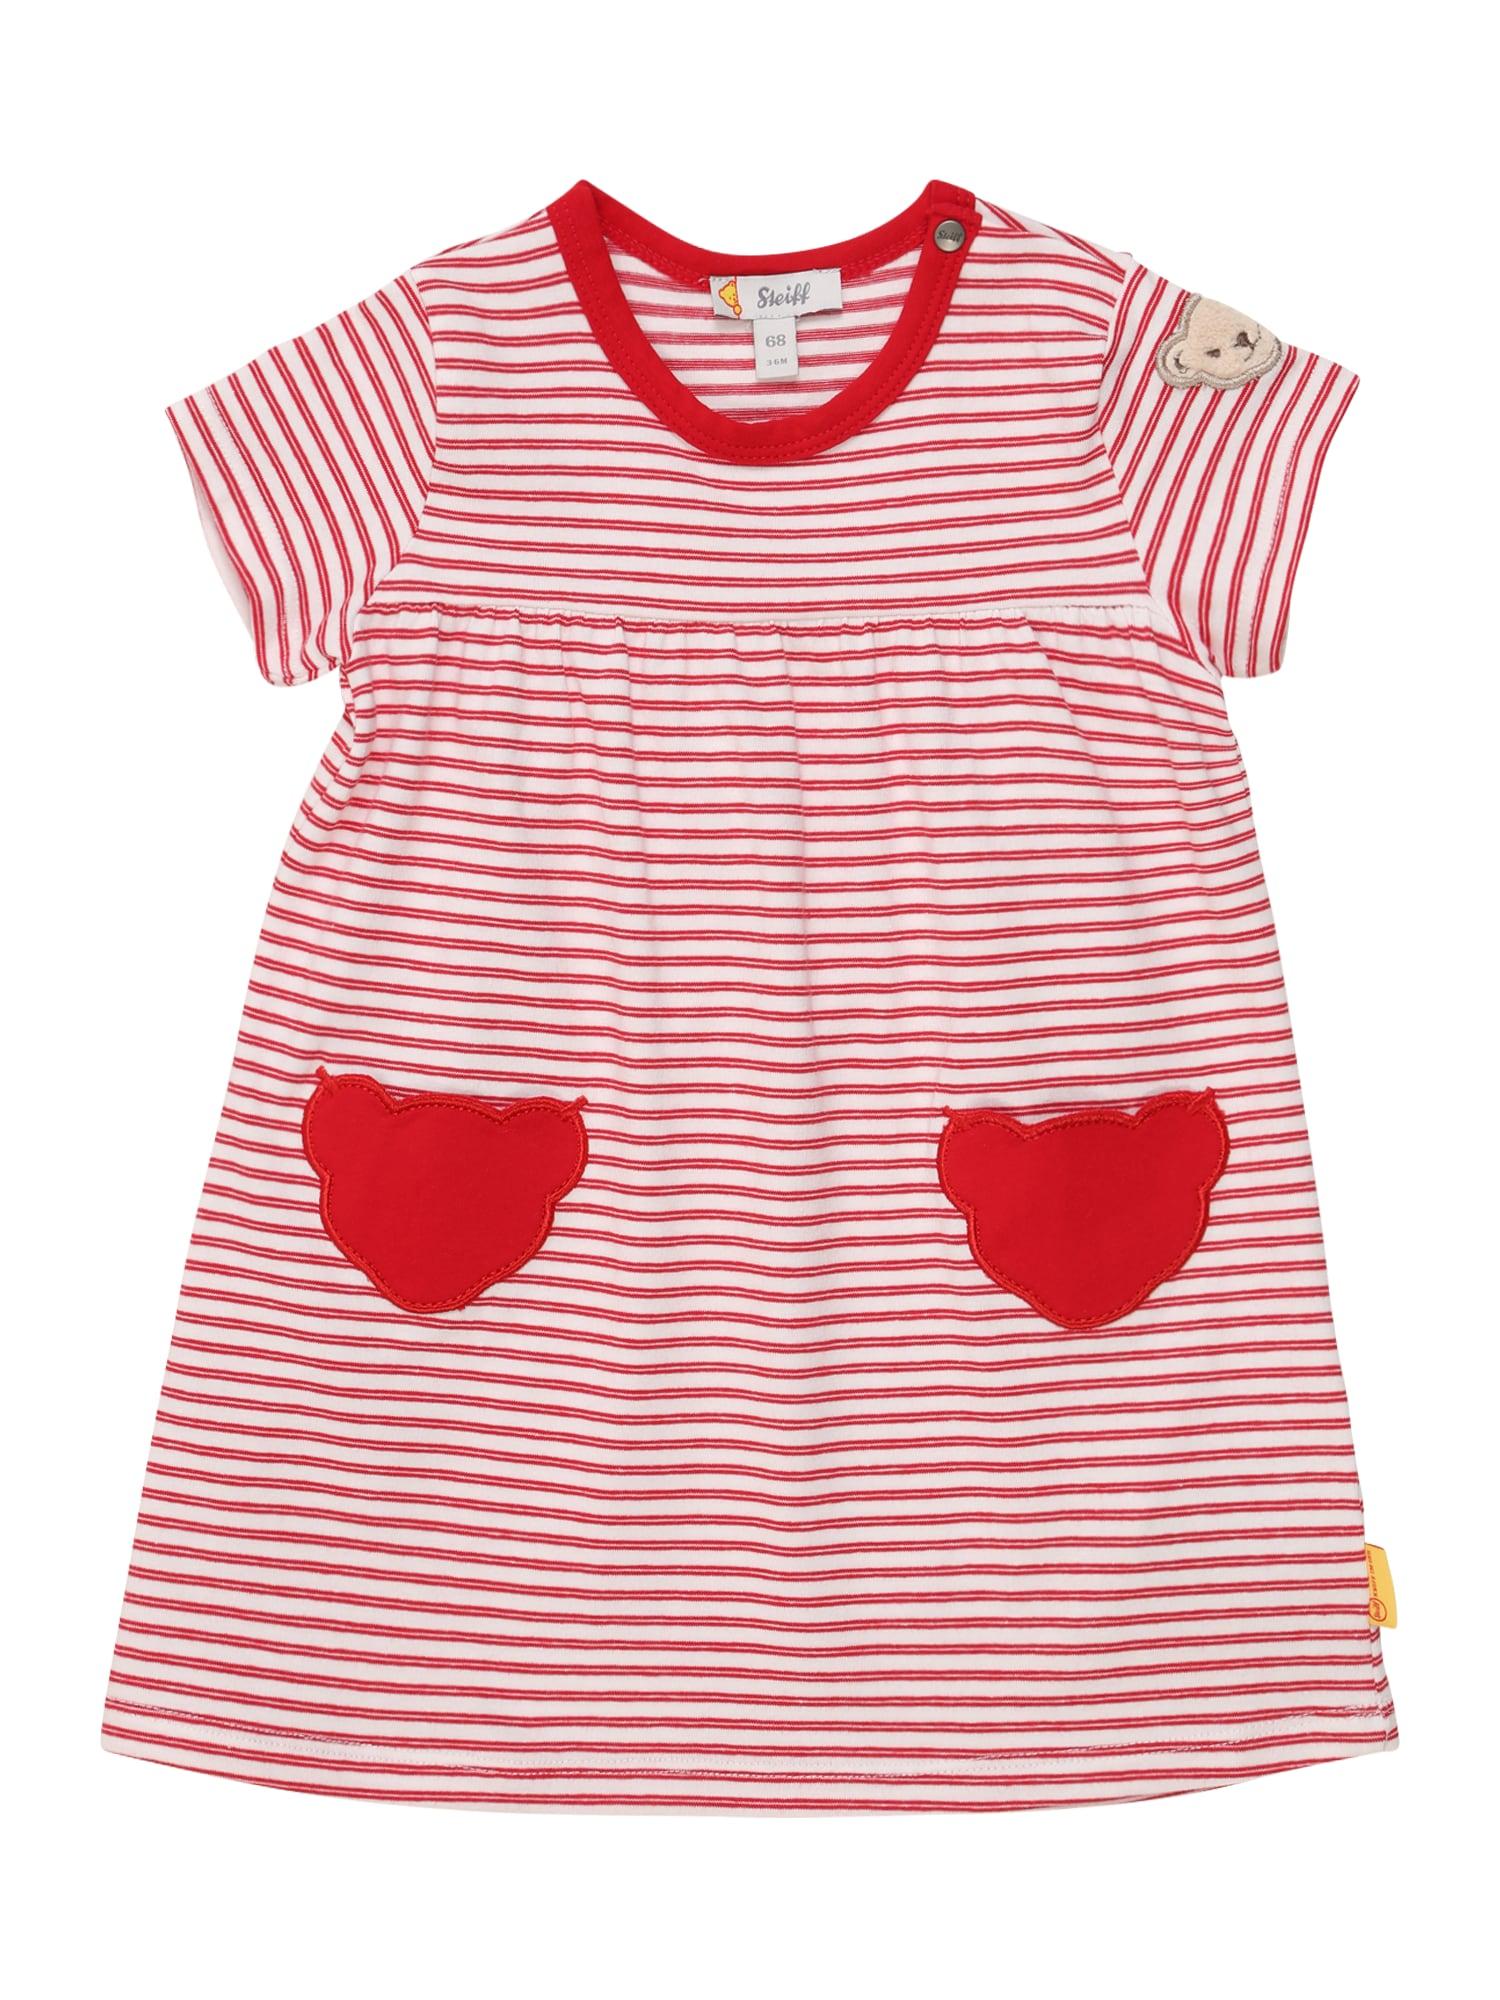 Steiff Collection Suknelė raudona / balta / pastelinė raudona / glaisto spalva